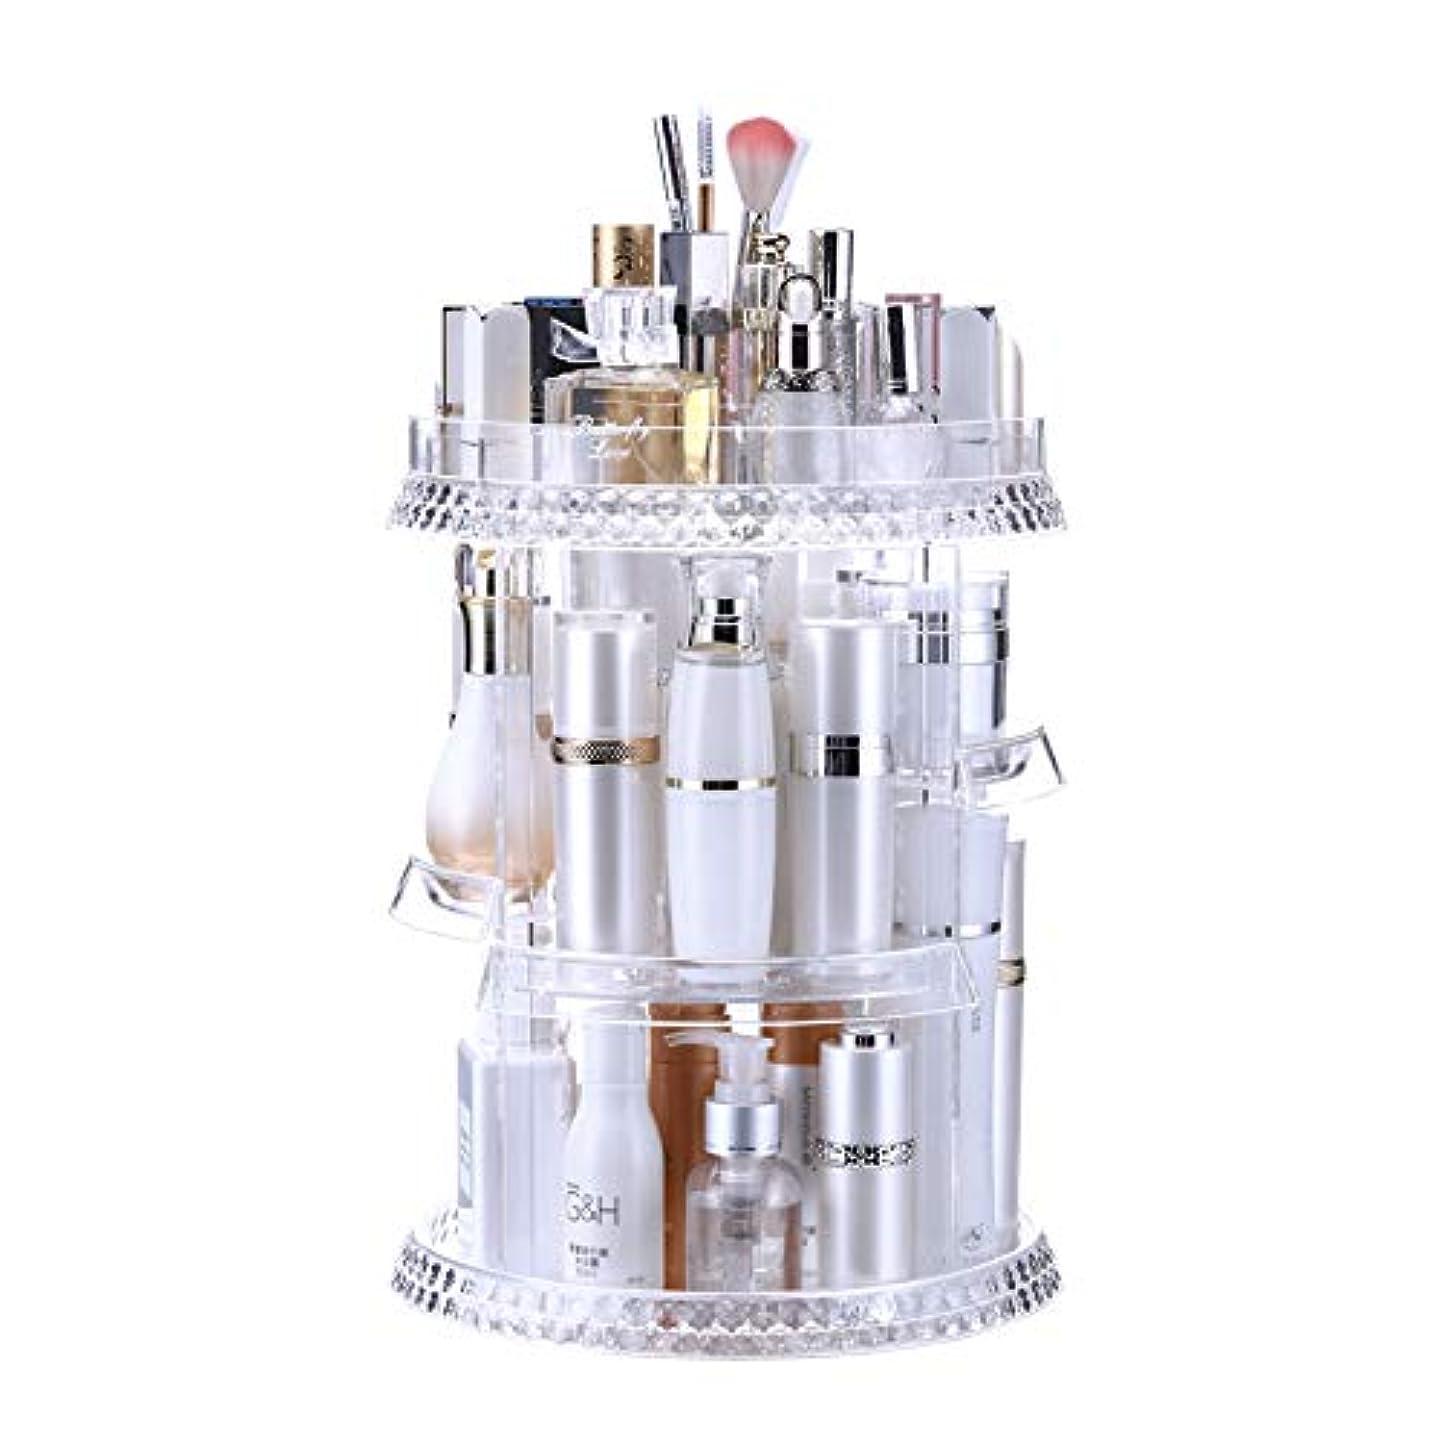 ジャンクションキャッチスクリューStarmory メイクボックス 360度回転式 大容量 (ダイヤモンドクリスタルスタイル) メイクケース 香水 口紅 化粧道具 収納 高さ調節可能 透明プラスチック化粧品ケース